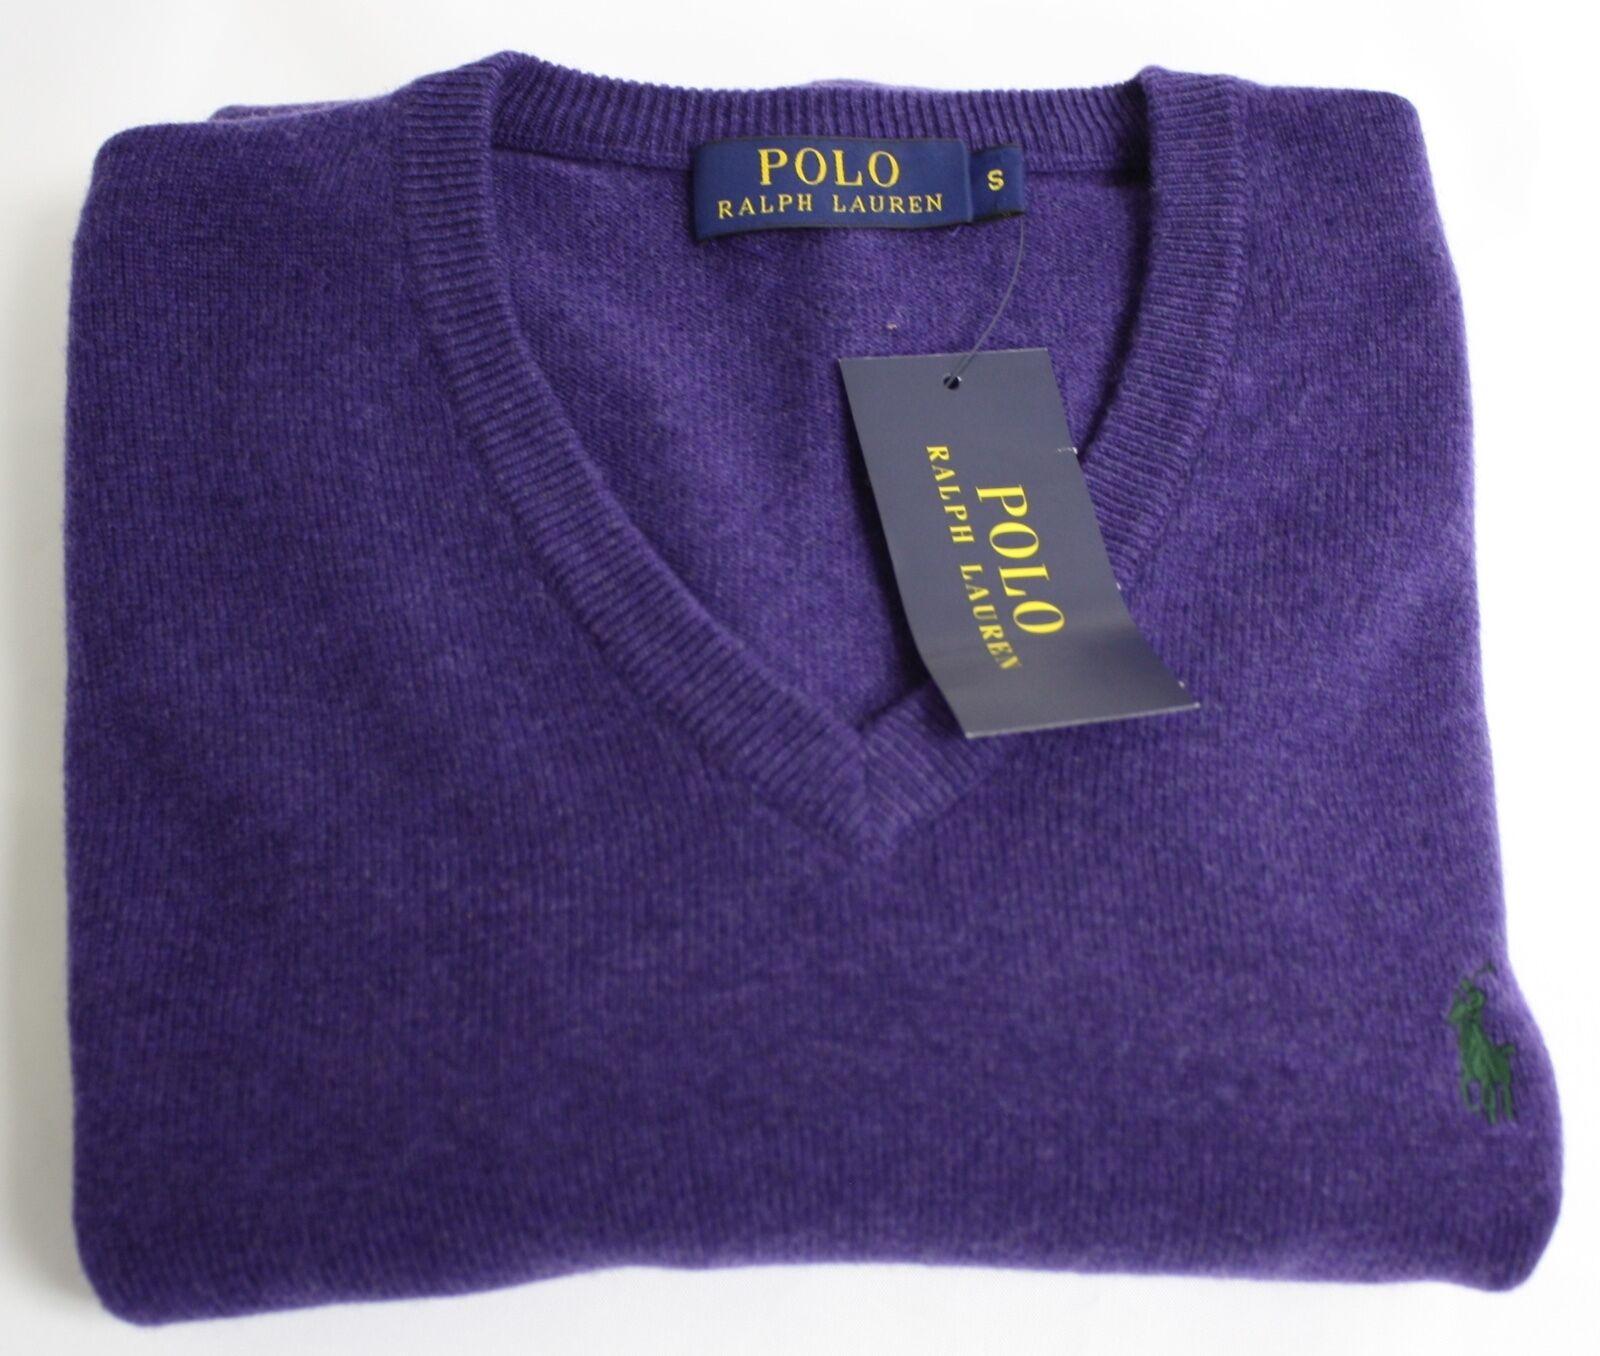 Polo Polo Polo Ralph Lauren Maglione Viola Lana Scollo a V Pony Logo Ret 125 ea5b81